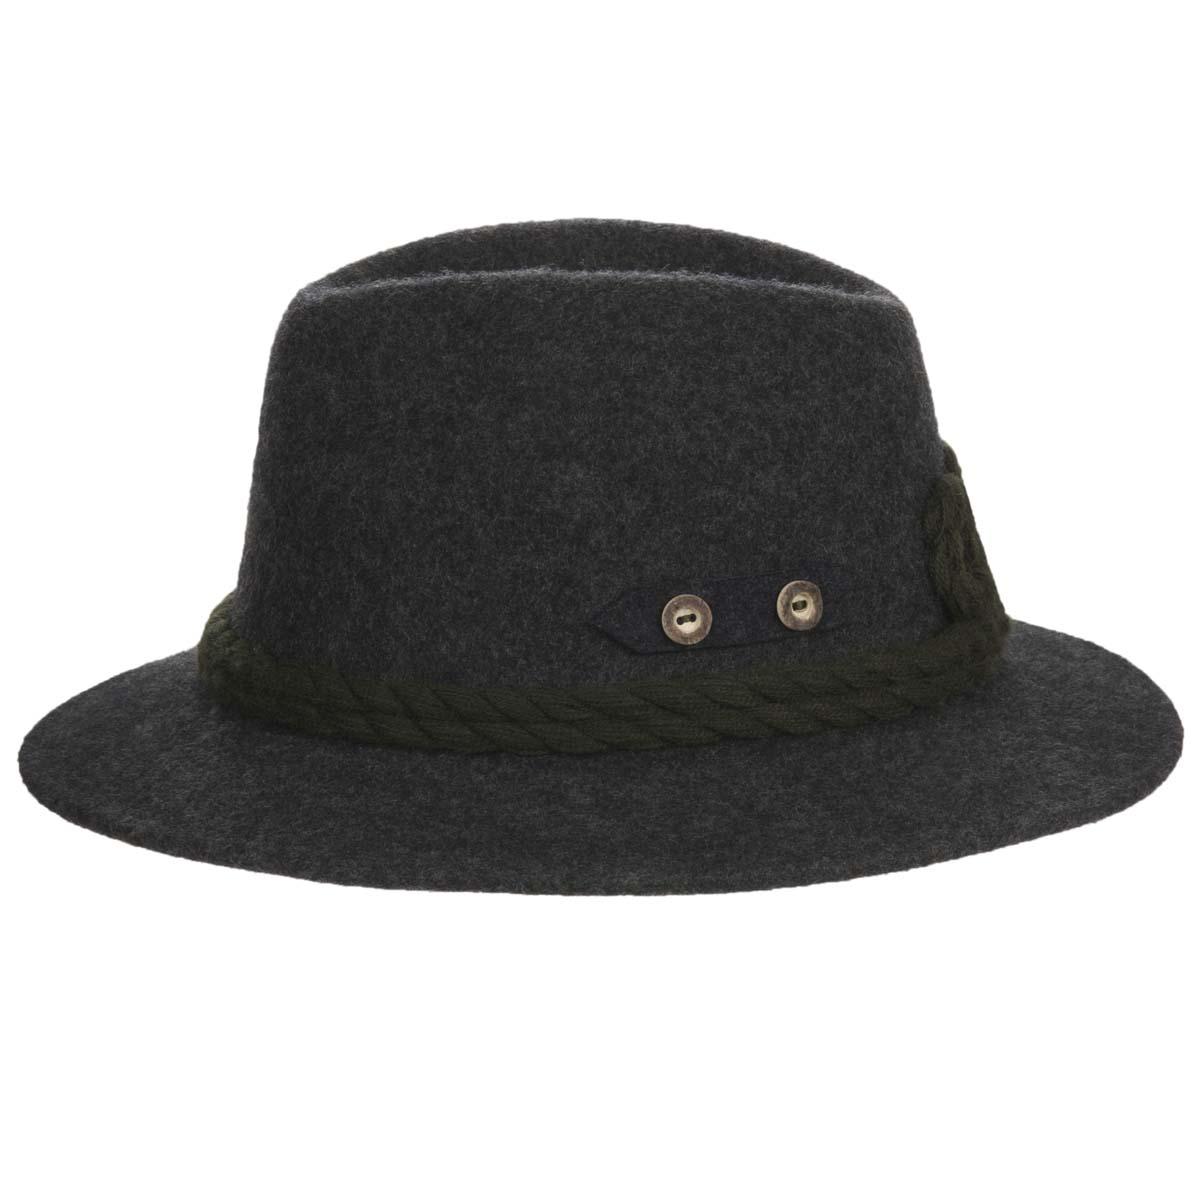 ... Cappello sportivo con cordoni di lana firmato HUTTER ... 7a83311276d4